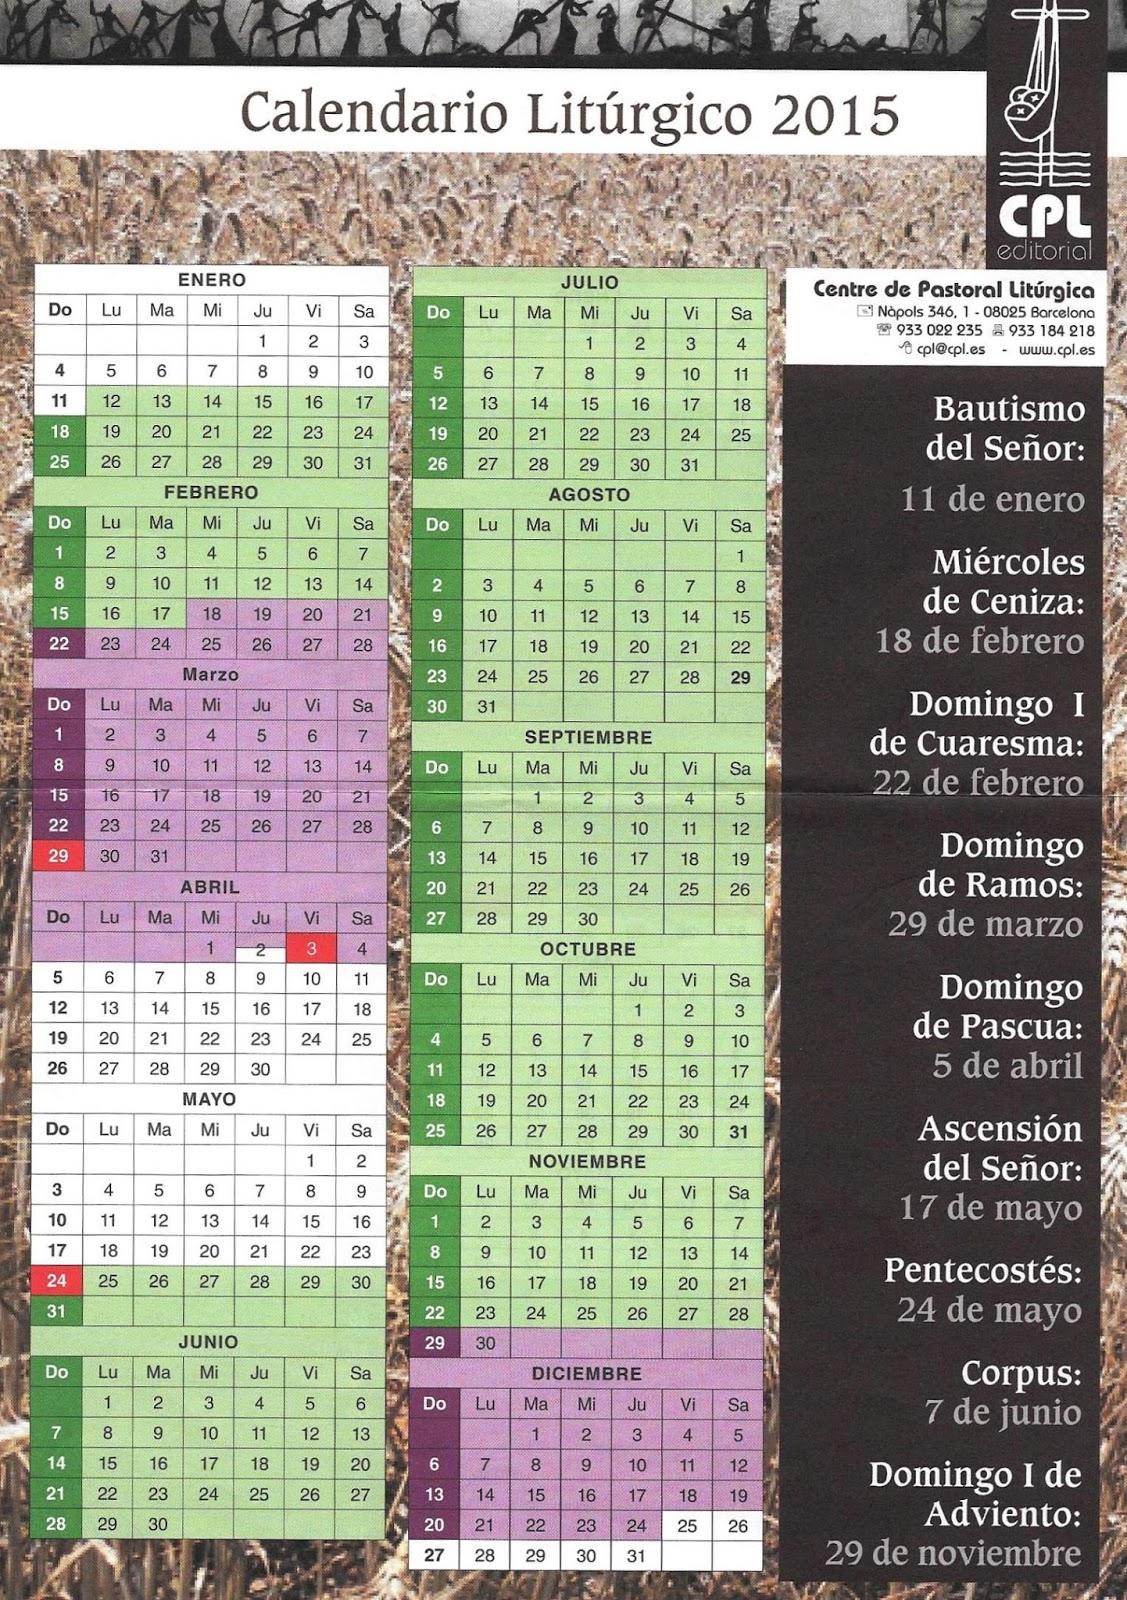 Calendario Liturgico Catolico 2019